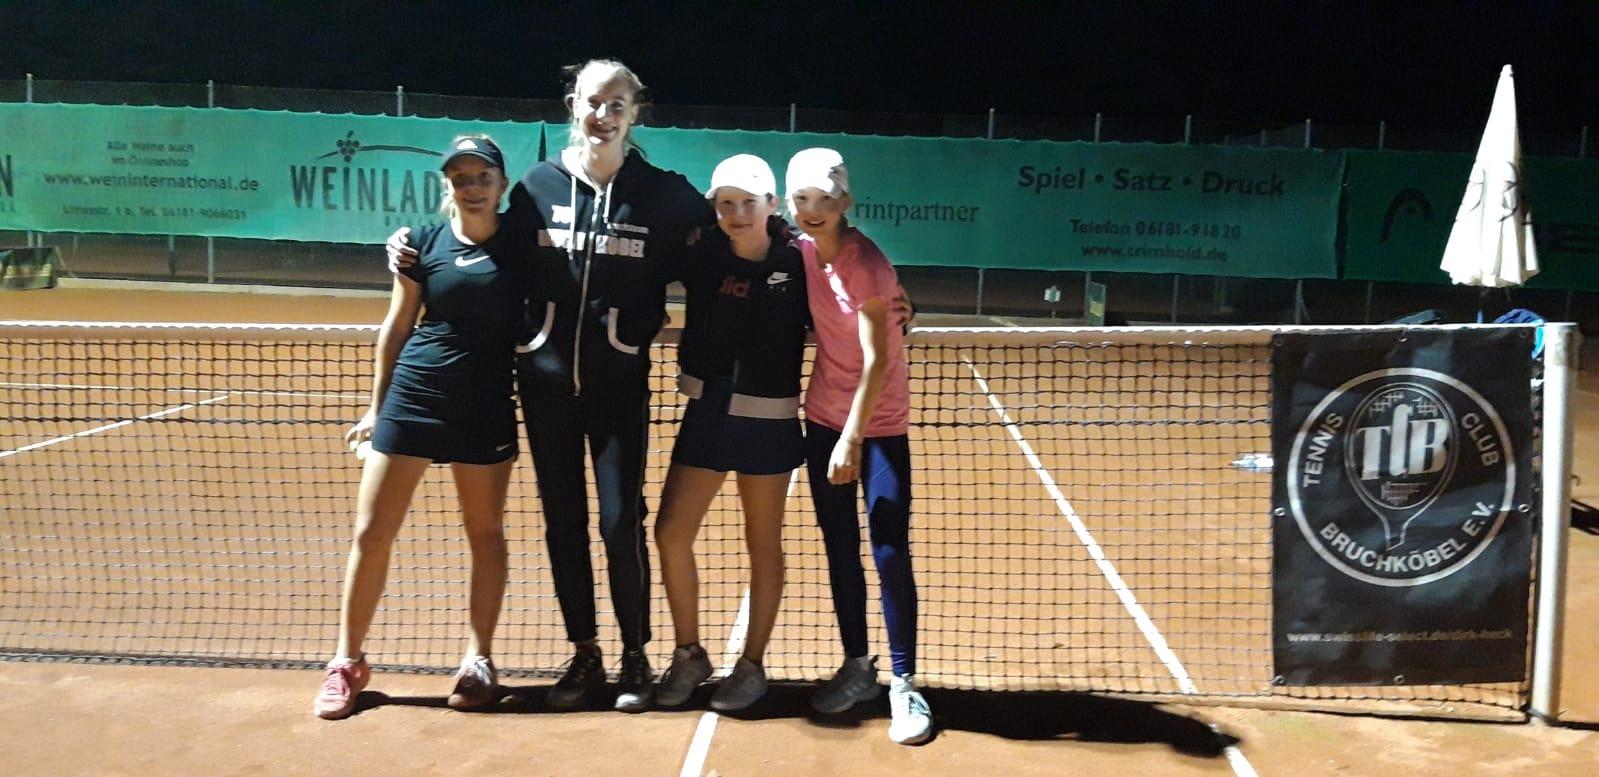 U14 Mädchen spielen Remis im entscheidenden Aufstiegsspiel gegen Bischofsheim